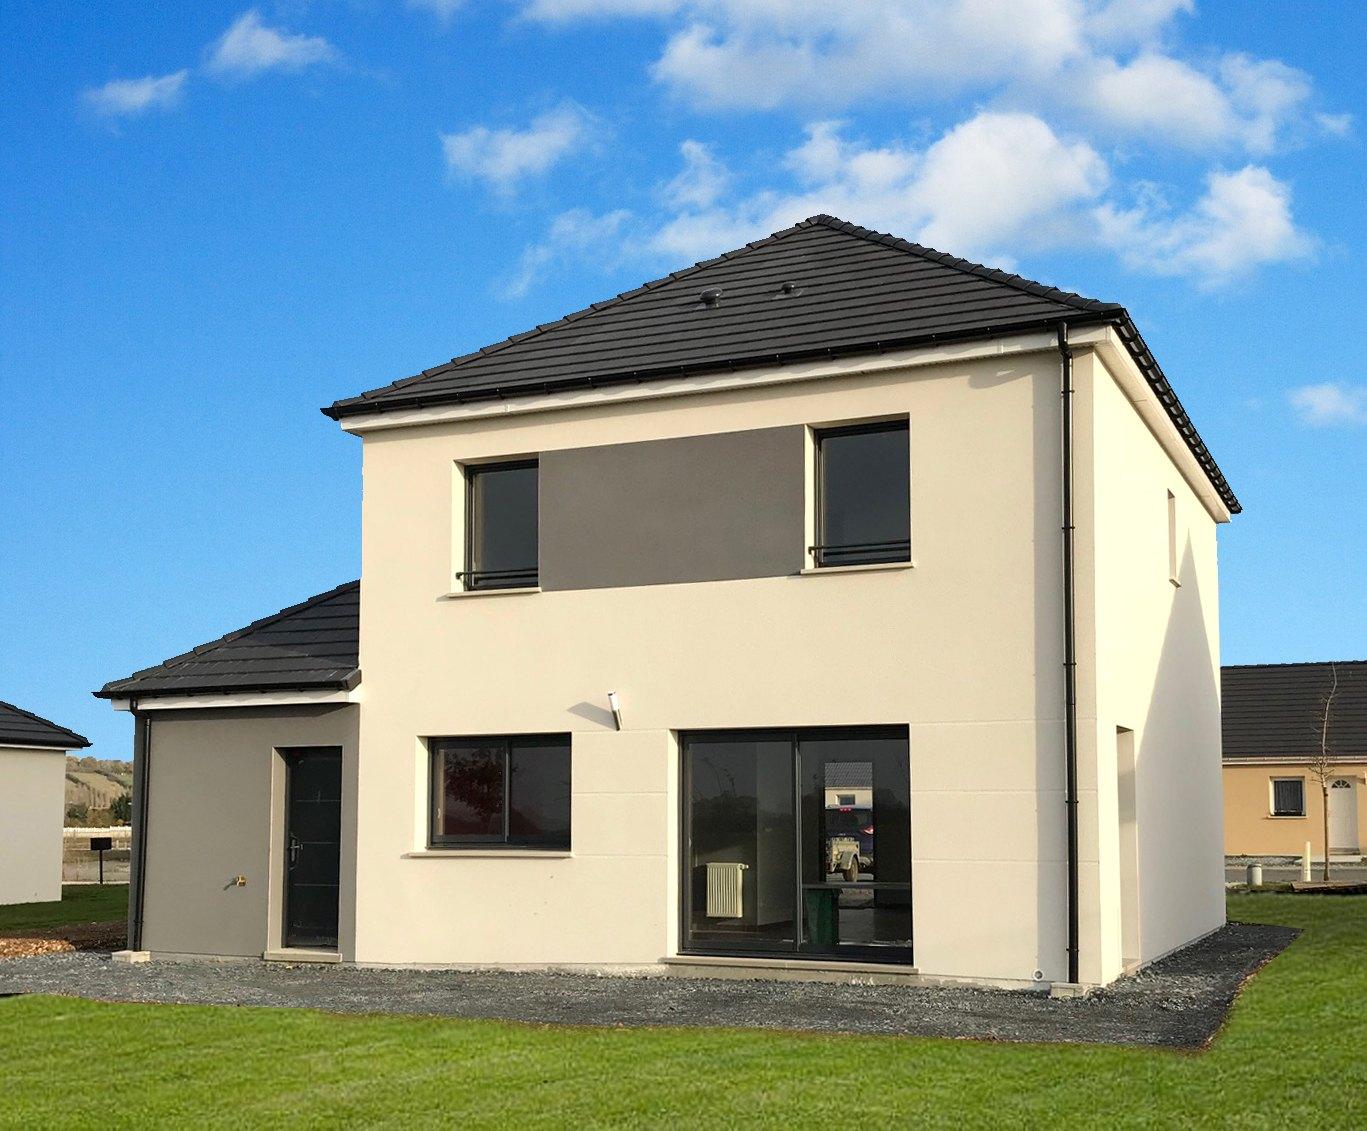 Maisons + Terrains du constructeur MAISON FAMILIALE MANTES • 110 m² • BREVAL